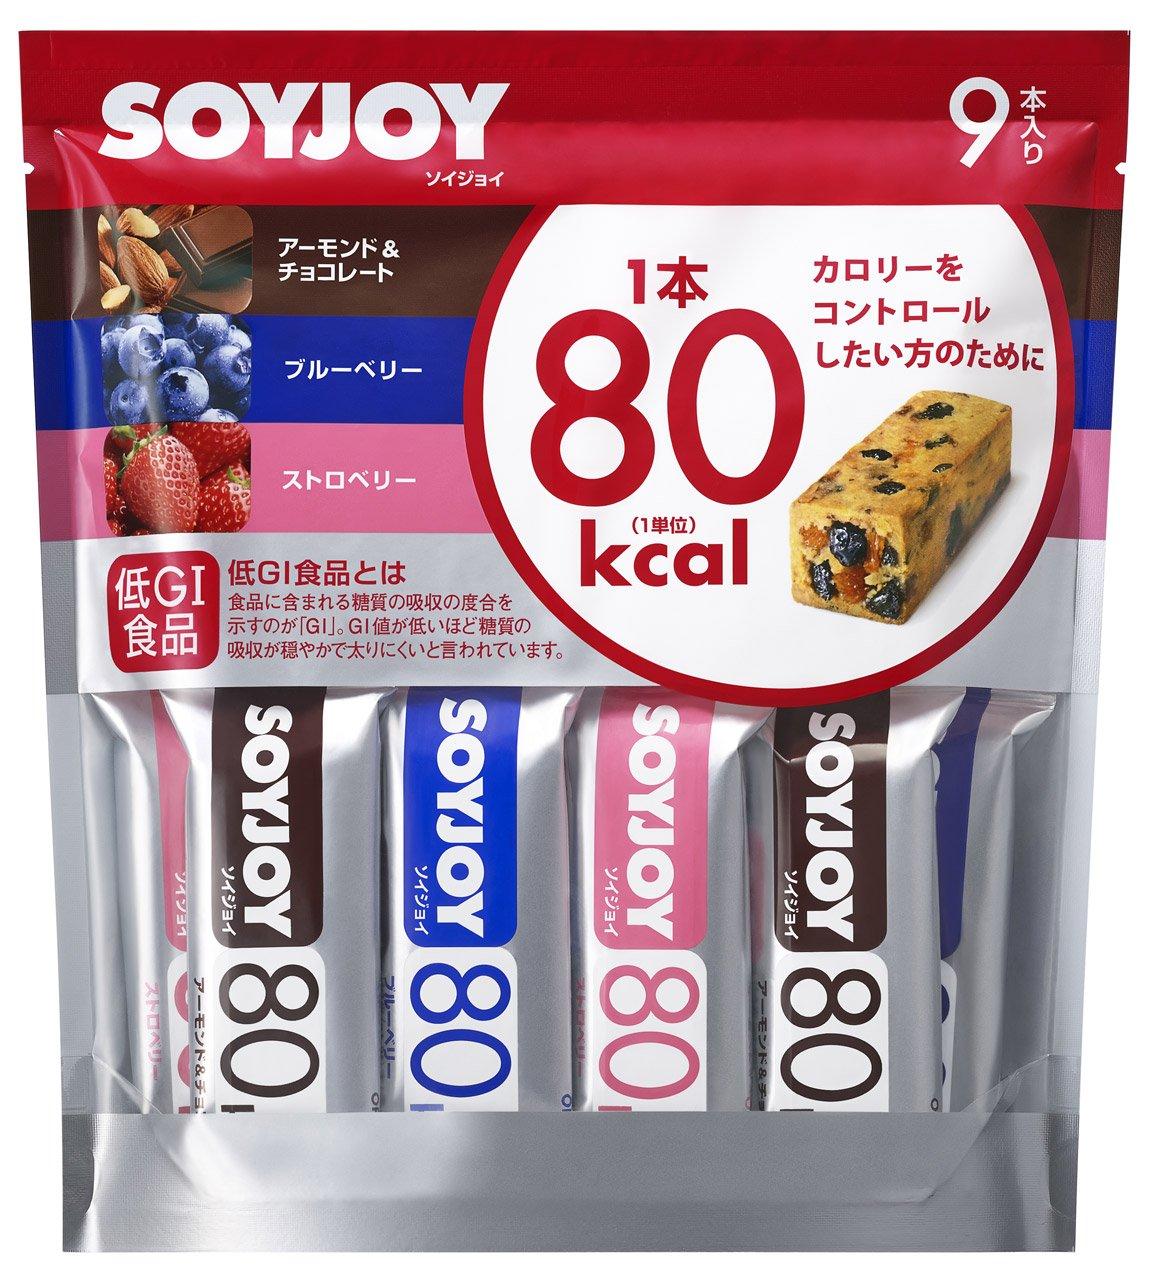 大塚製薬 ソイジョイ カロリーコントロール80